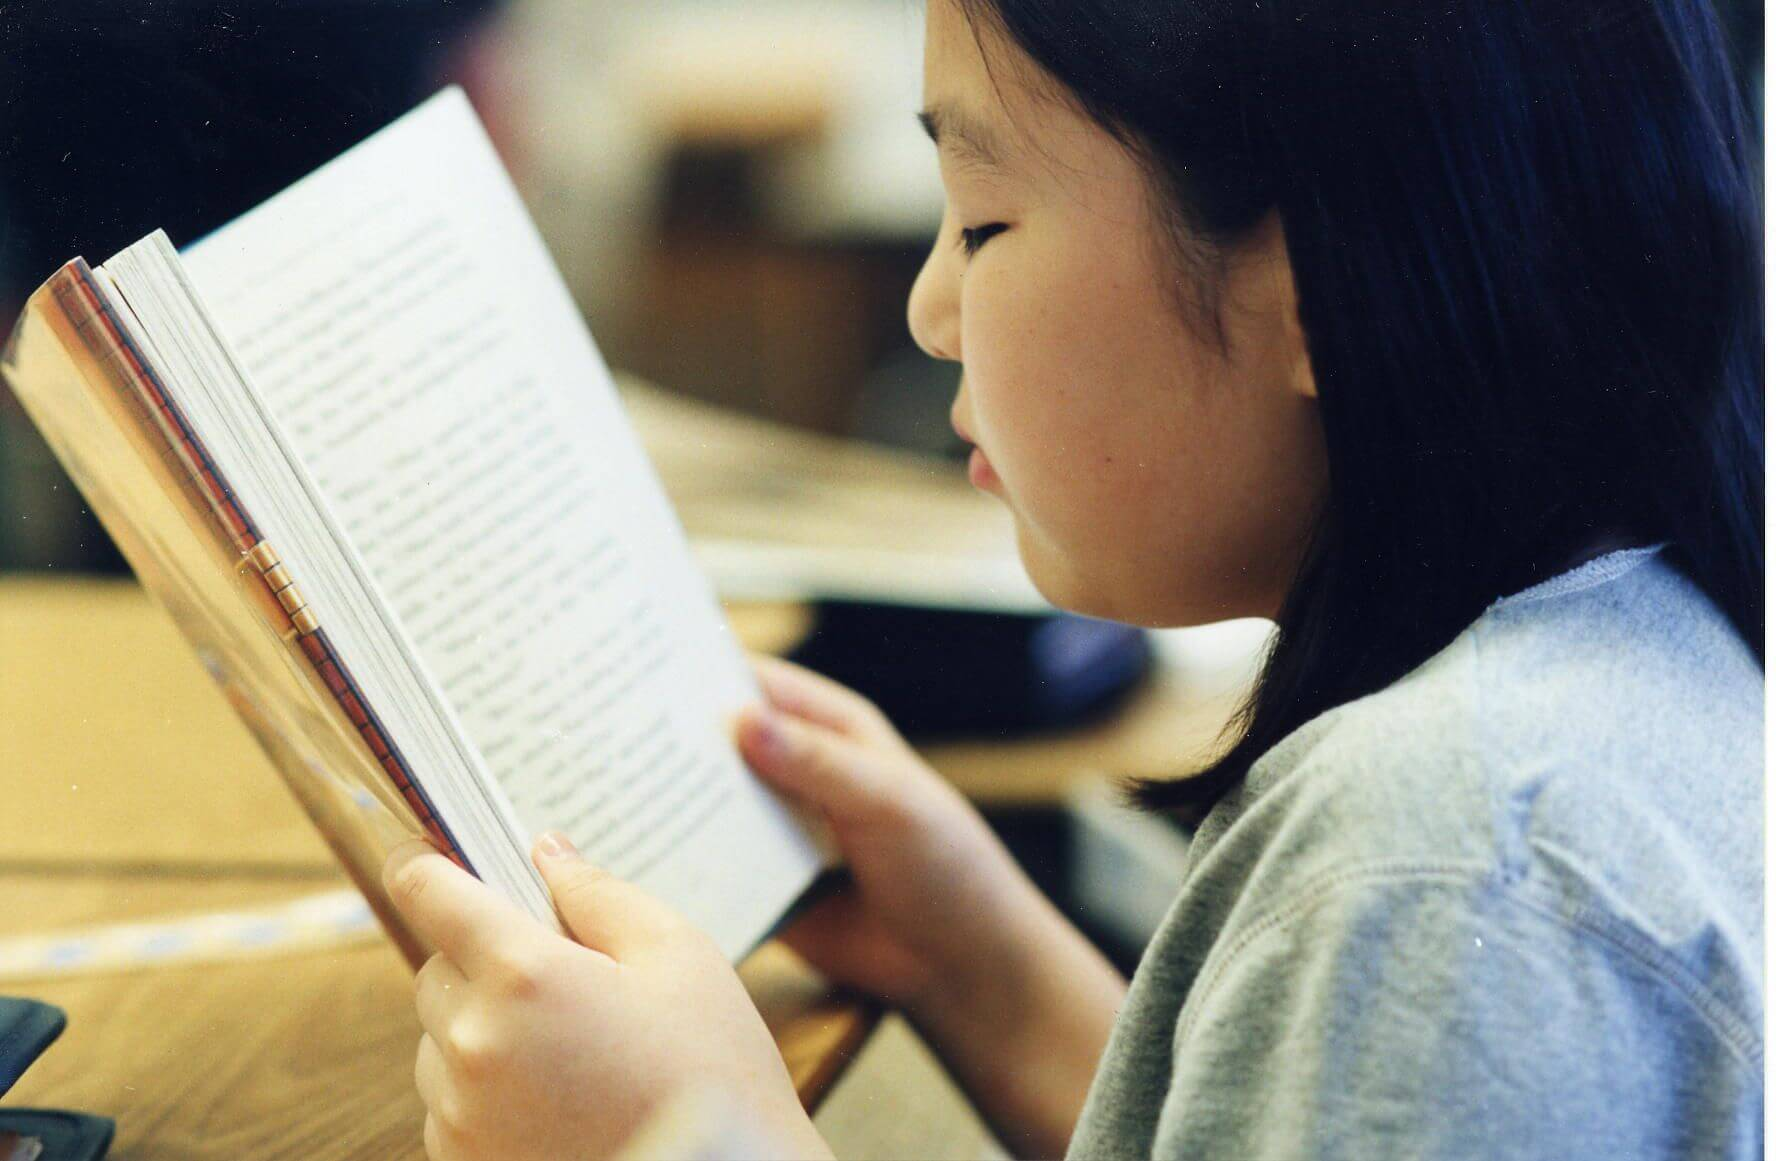 【謝其政專欄】老師們醒醒,別再扼殺技職生的閱讀習慣